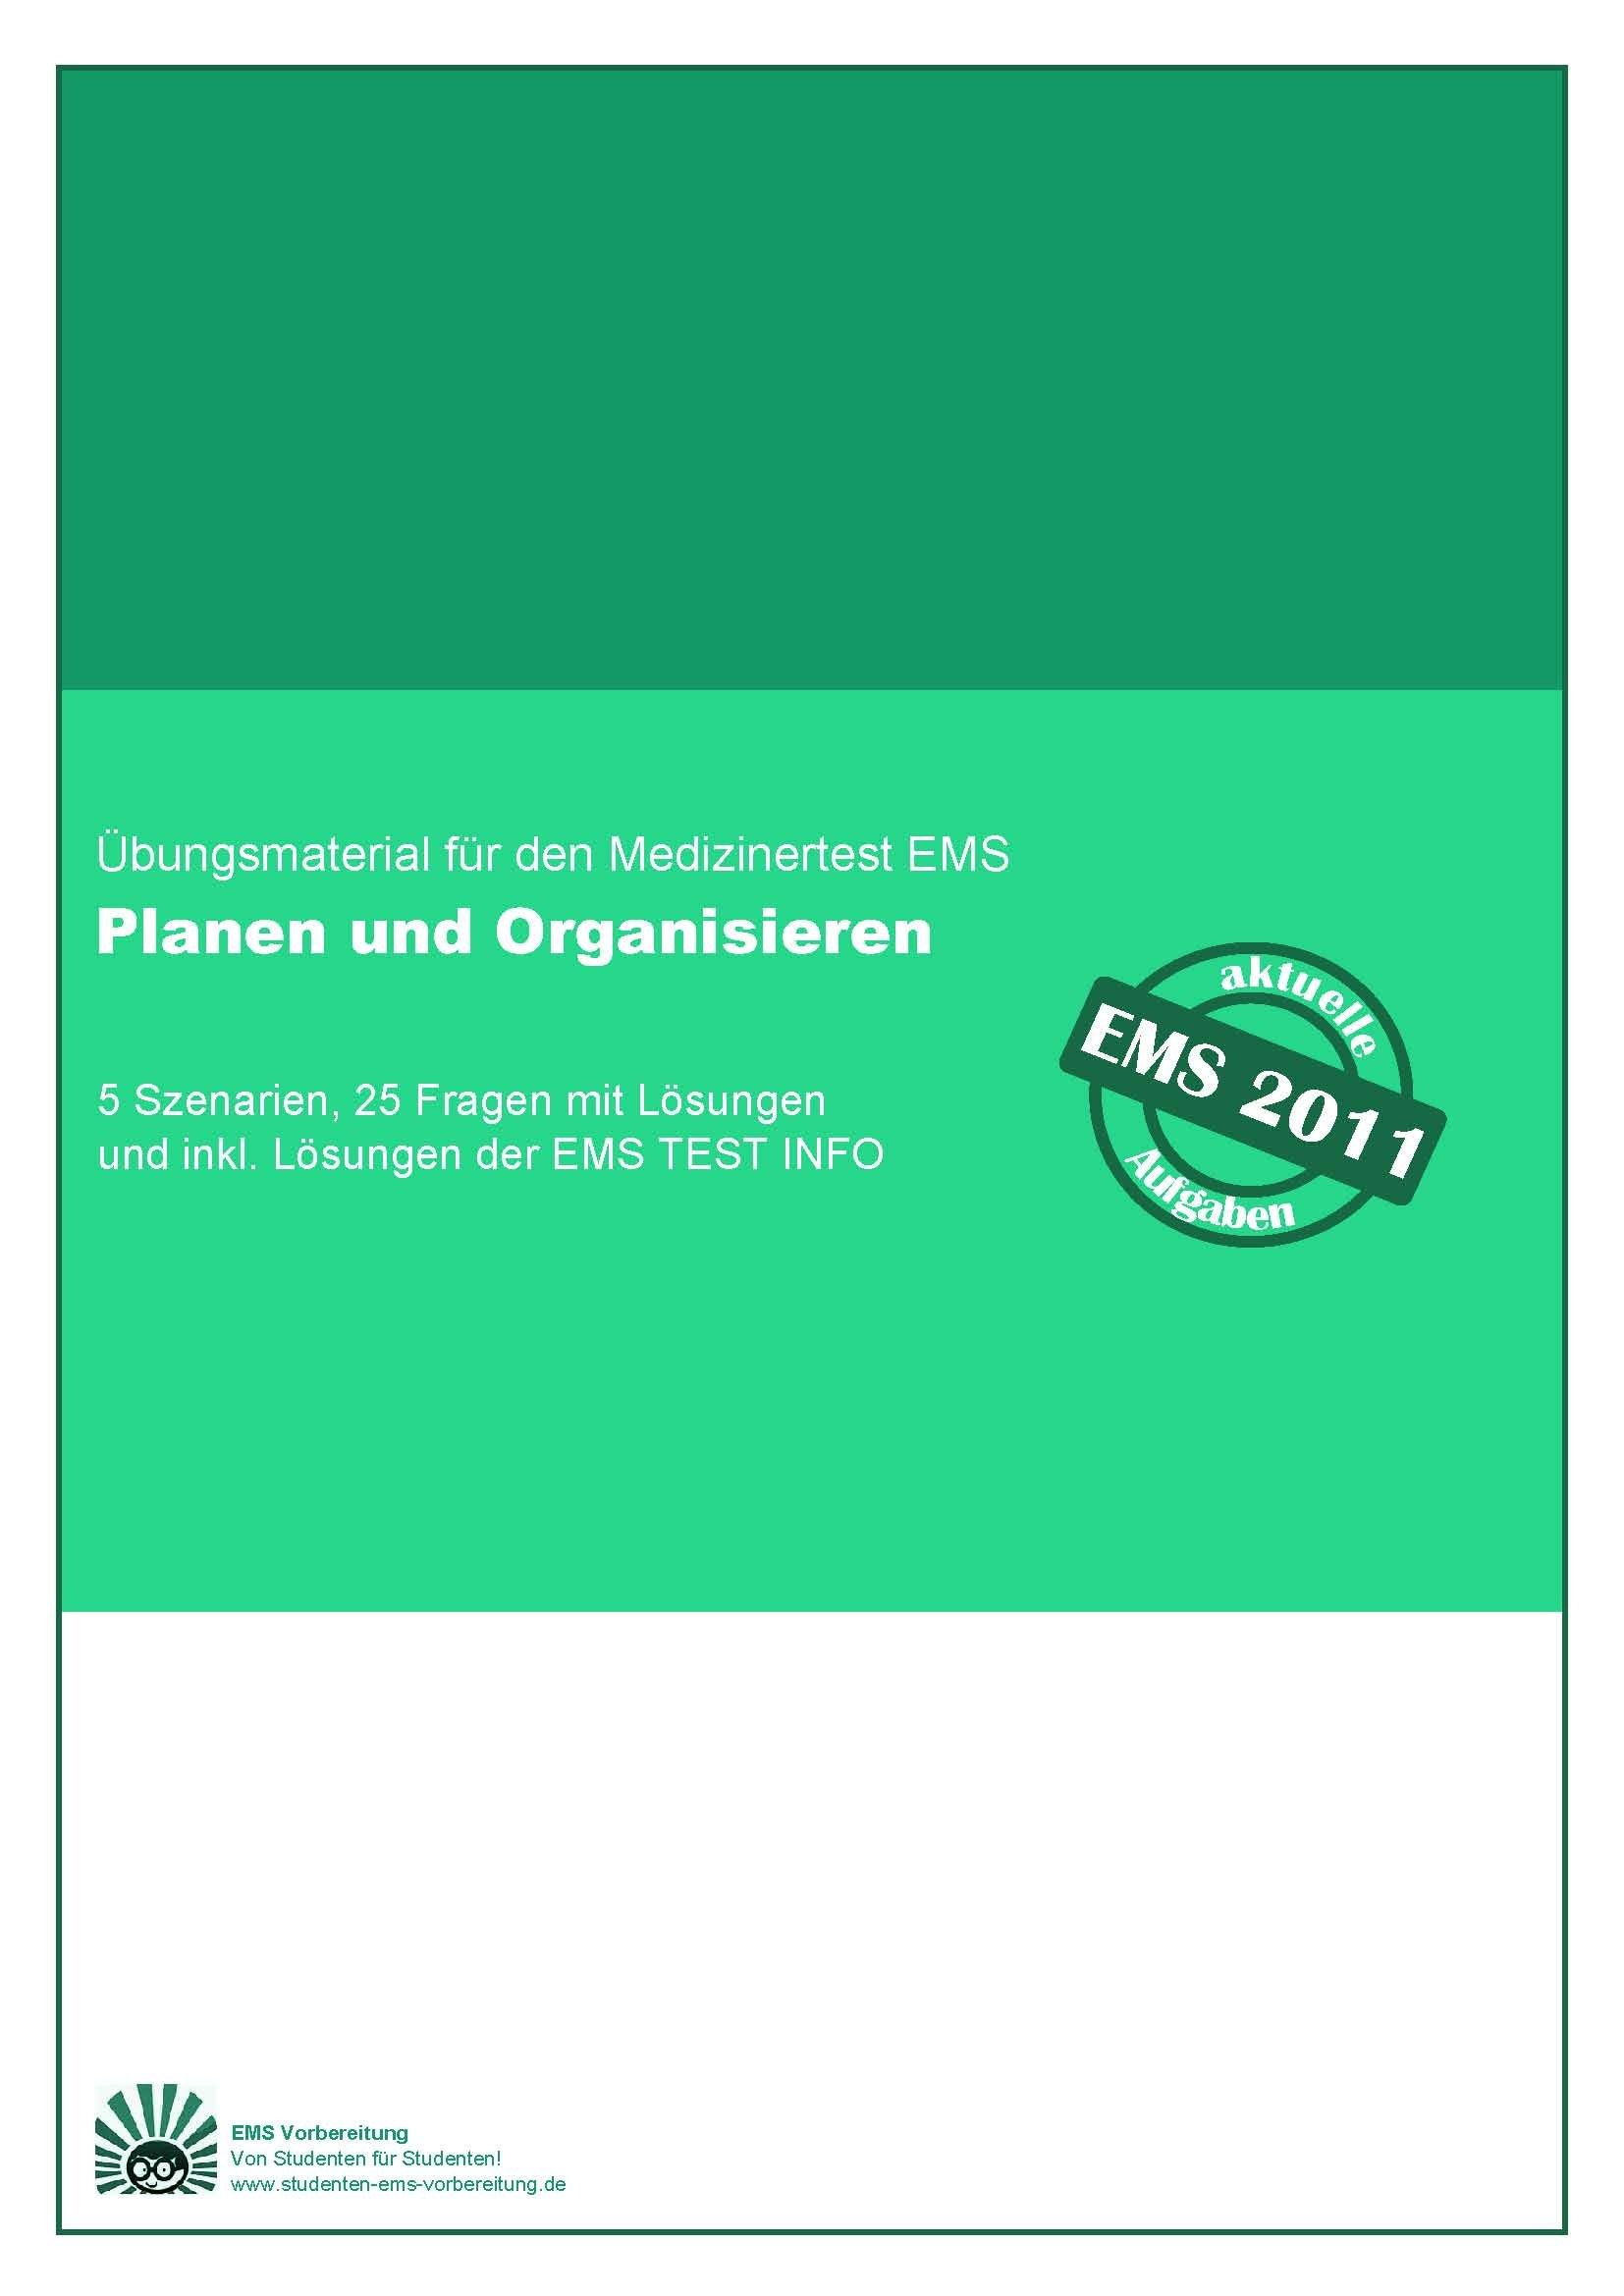 Amazon.de: Anselm Pfeiffer: Bücher, Hörbücher, Bibliografie